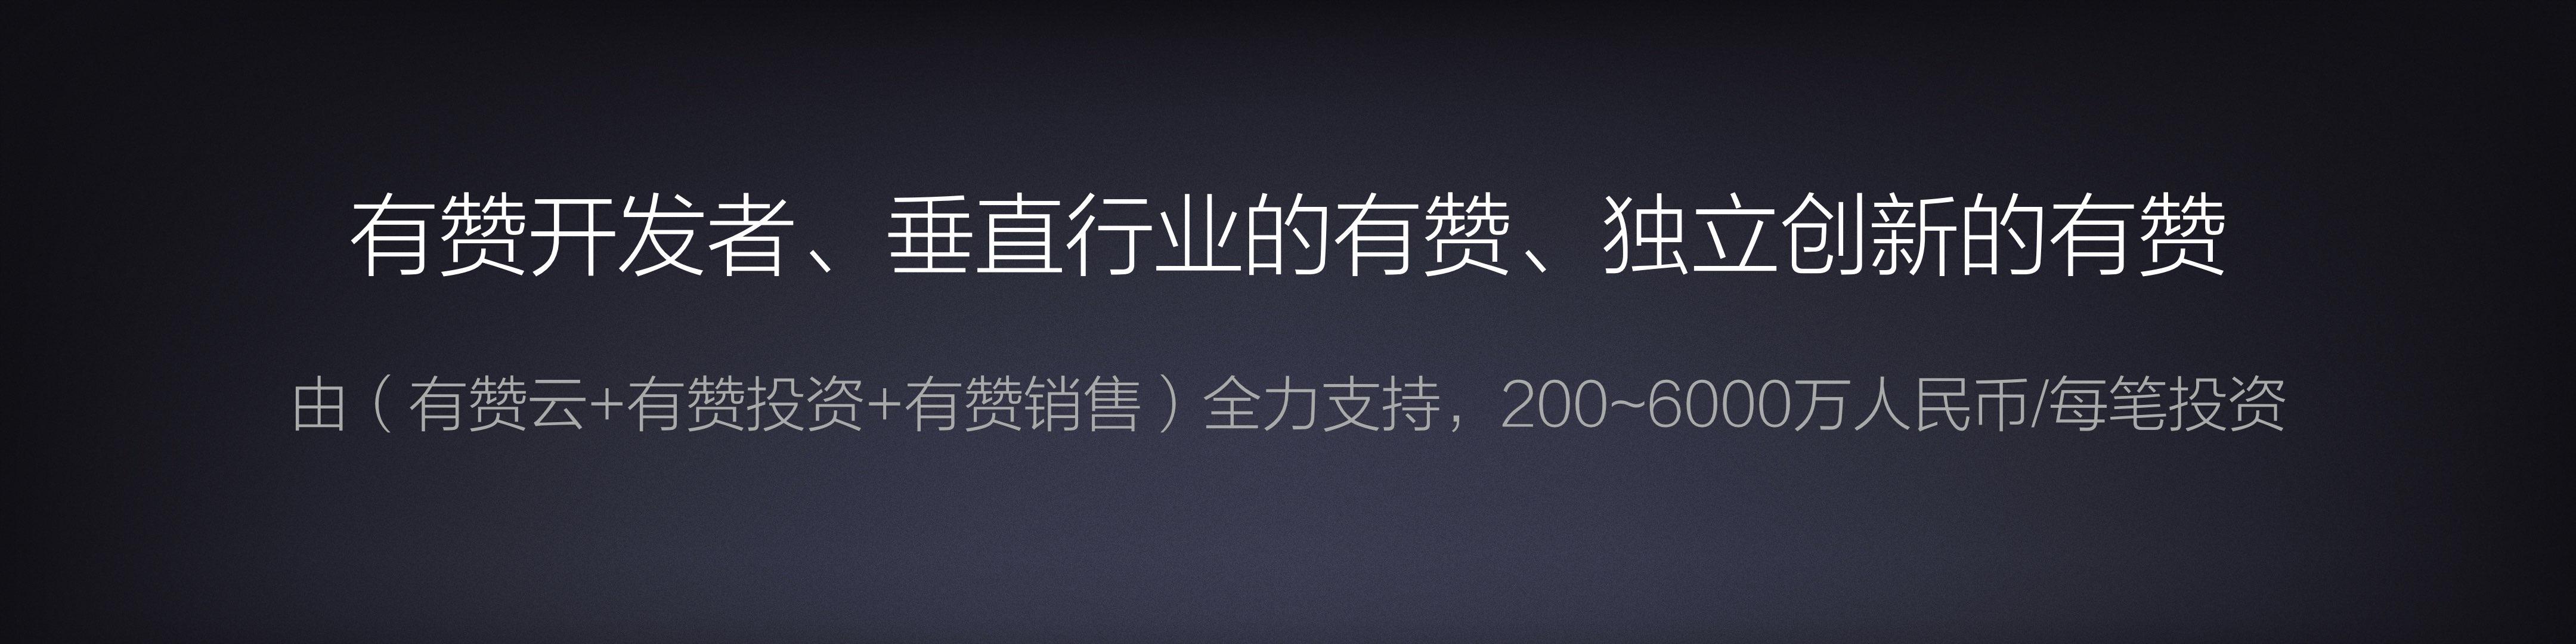 2018有赞春季沙龙-公开版.204.jpeg